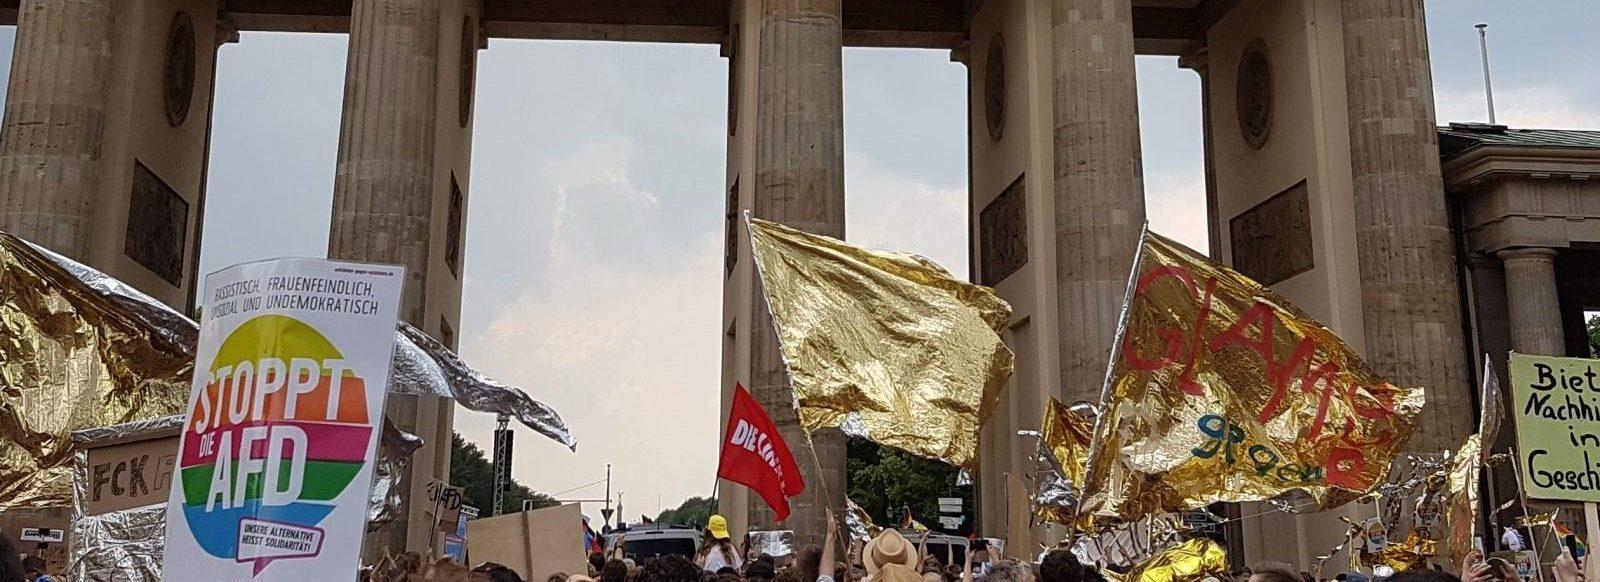 """Das Bild zeigt das Branenburgertor. Davor ist eine Demonstration. Leute halten Schilder und goldene Folien in die Luft. Auf einem Plakat steht """"stoppt Afd"""""""